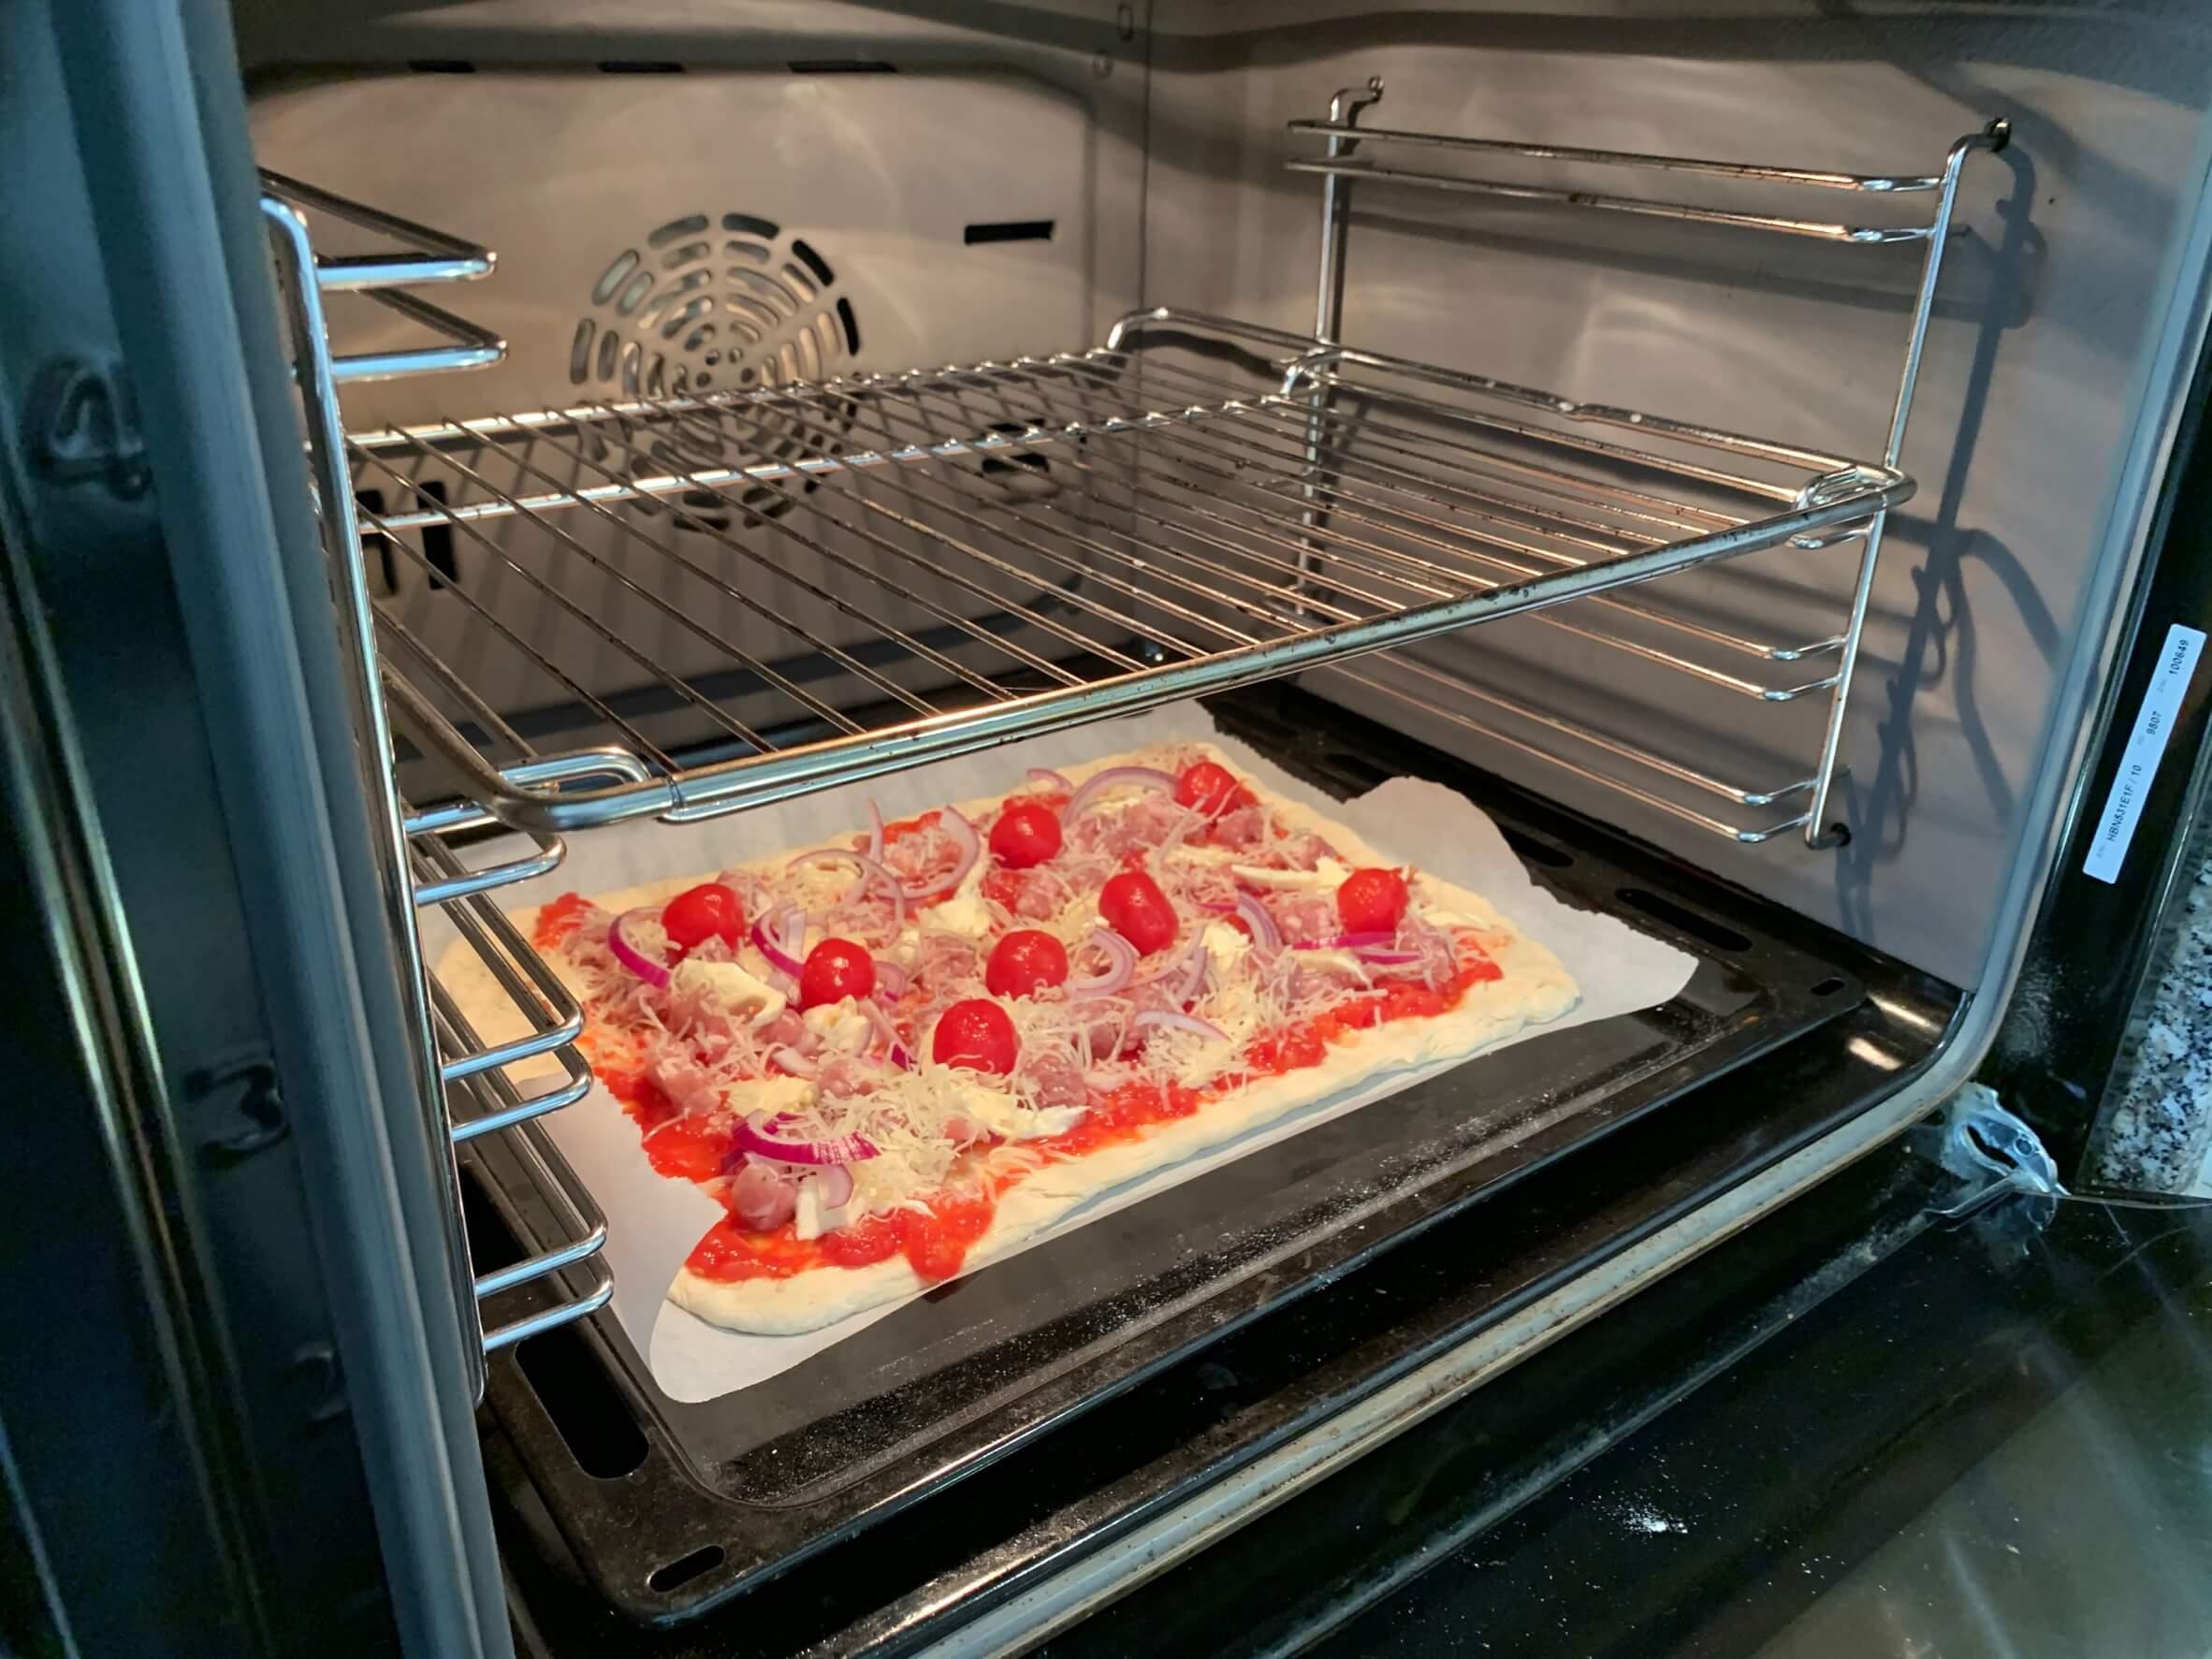 料理日記「パン焼き機で簡単美味しいピザを作る3つのコツ」